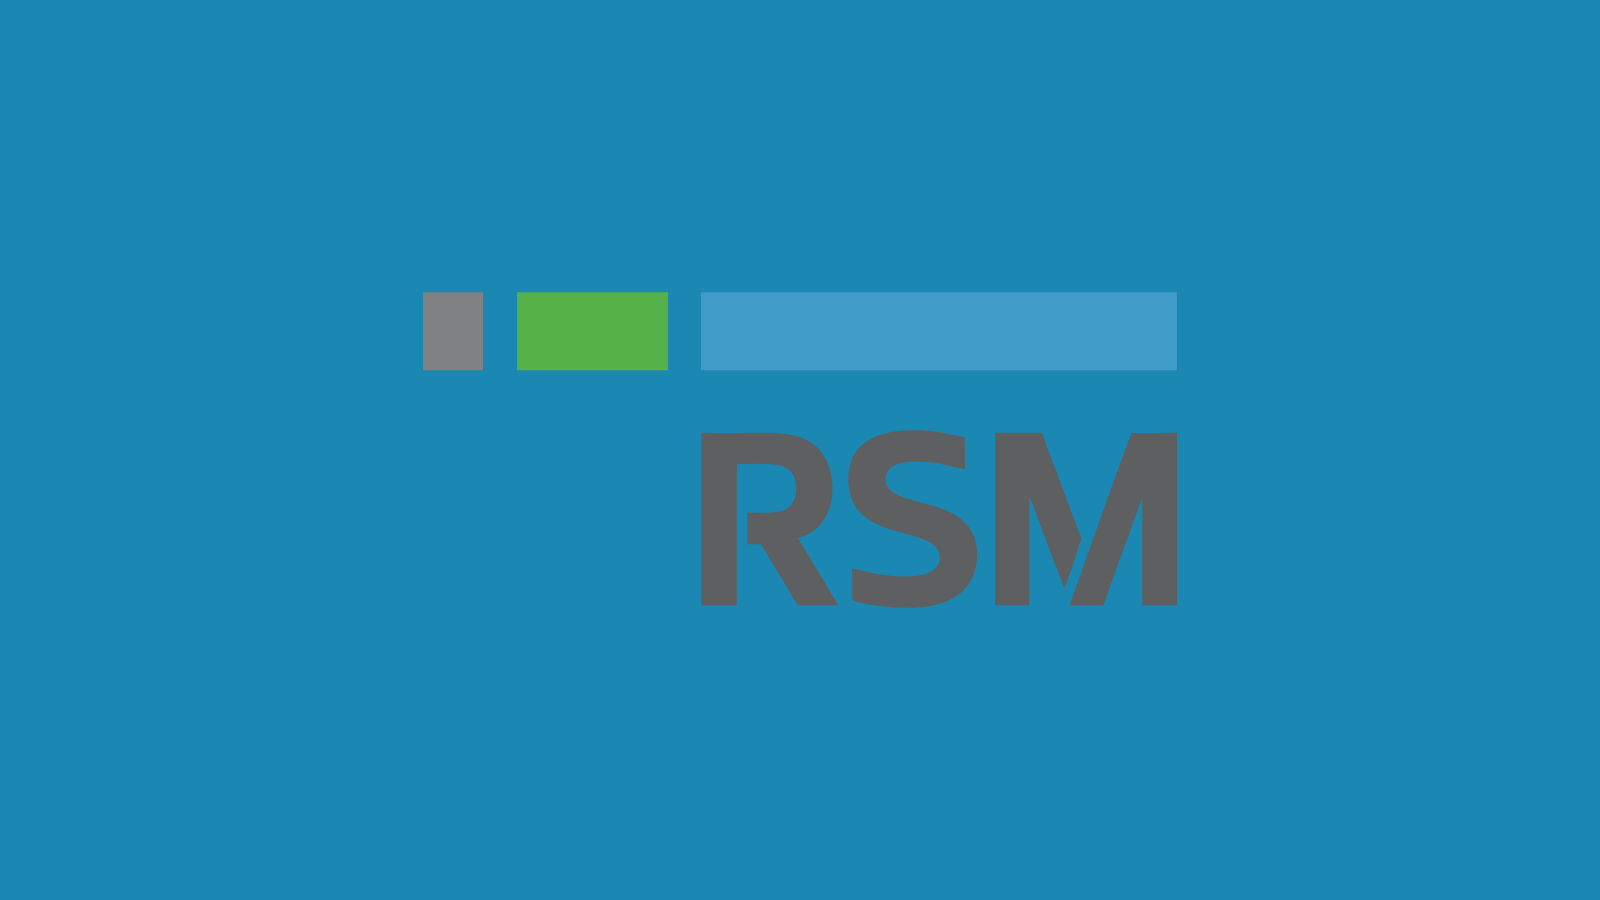 RSM finacial services